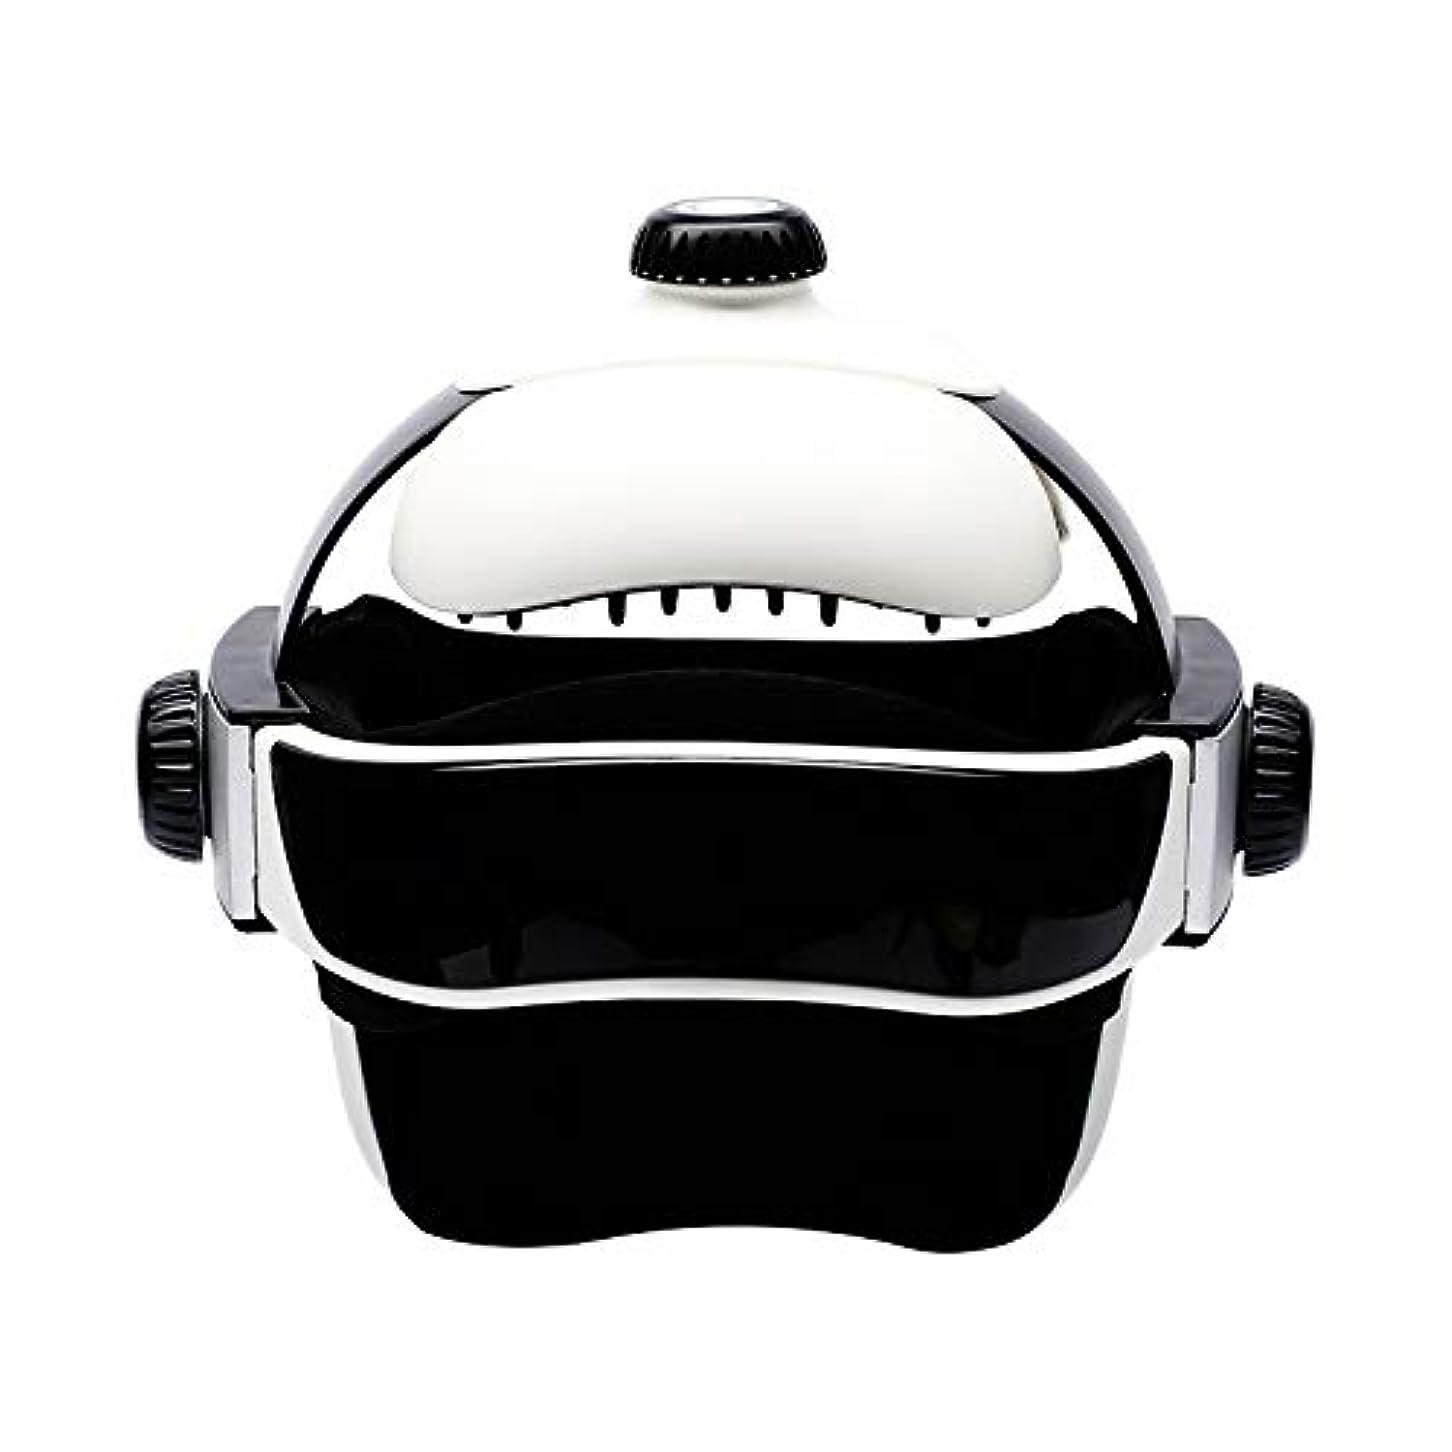 イタリアのペチコート蒸し器ヘルメットの電動が機能している頭皮は同じタイプのマッサージ器です [並行輸入品]